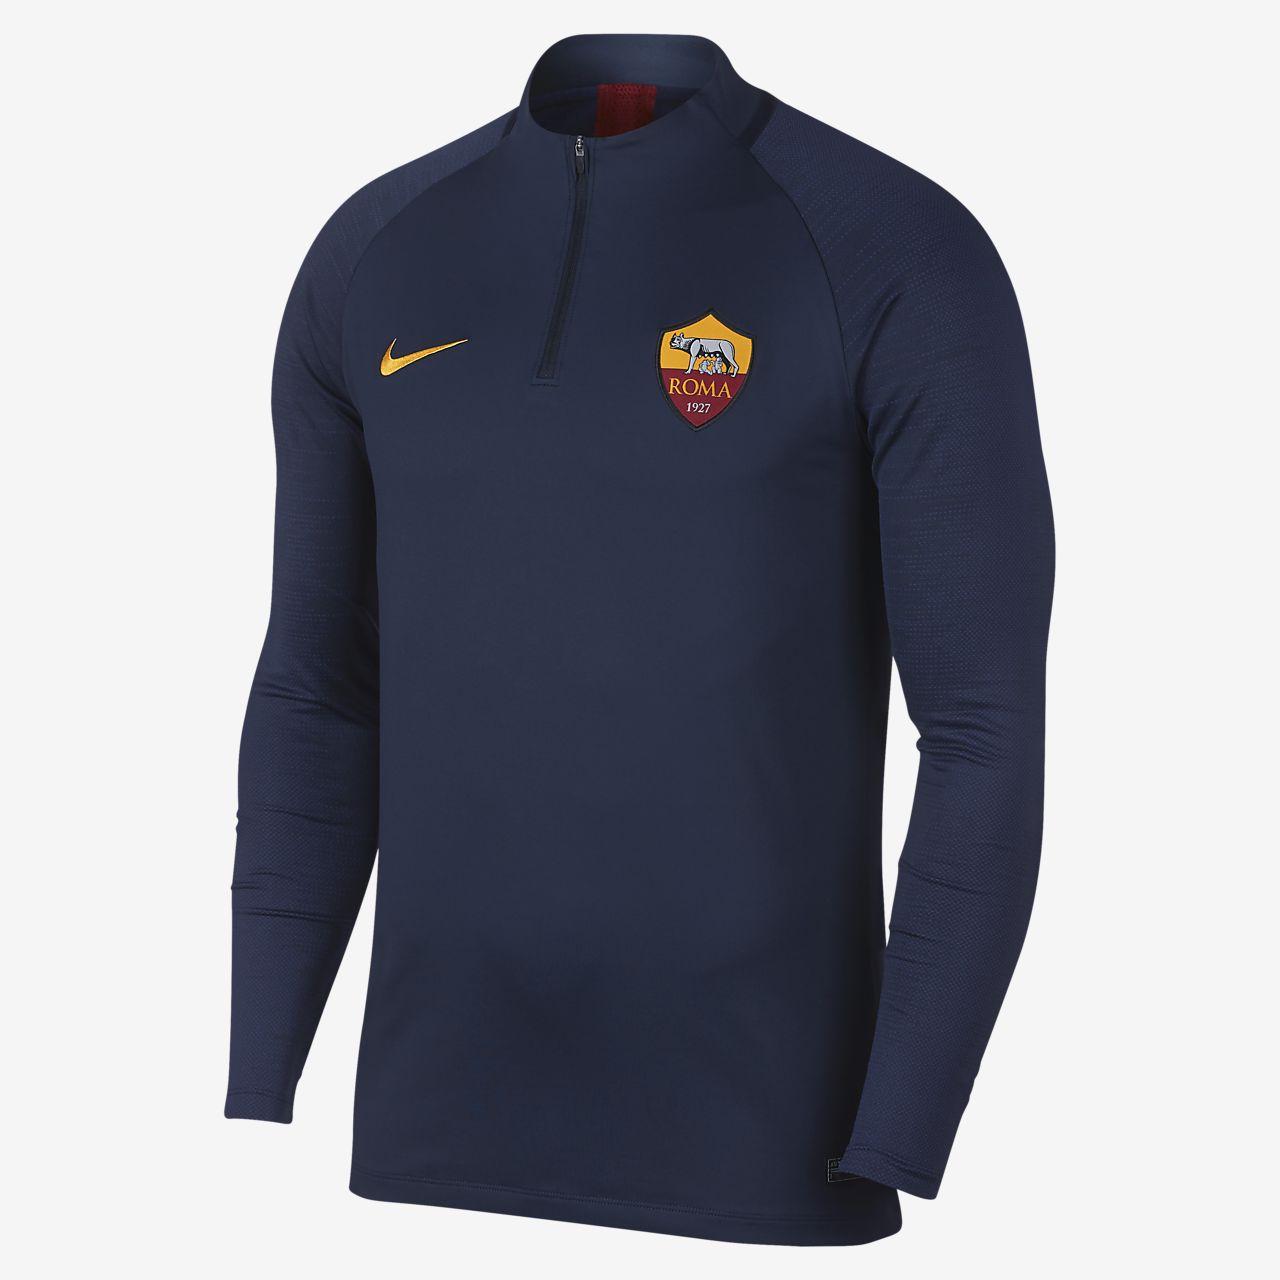 Мужская футболка для футбольного тренинга Nike Dri-FIT A.S. Roma Strike